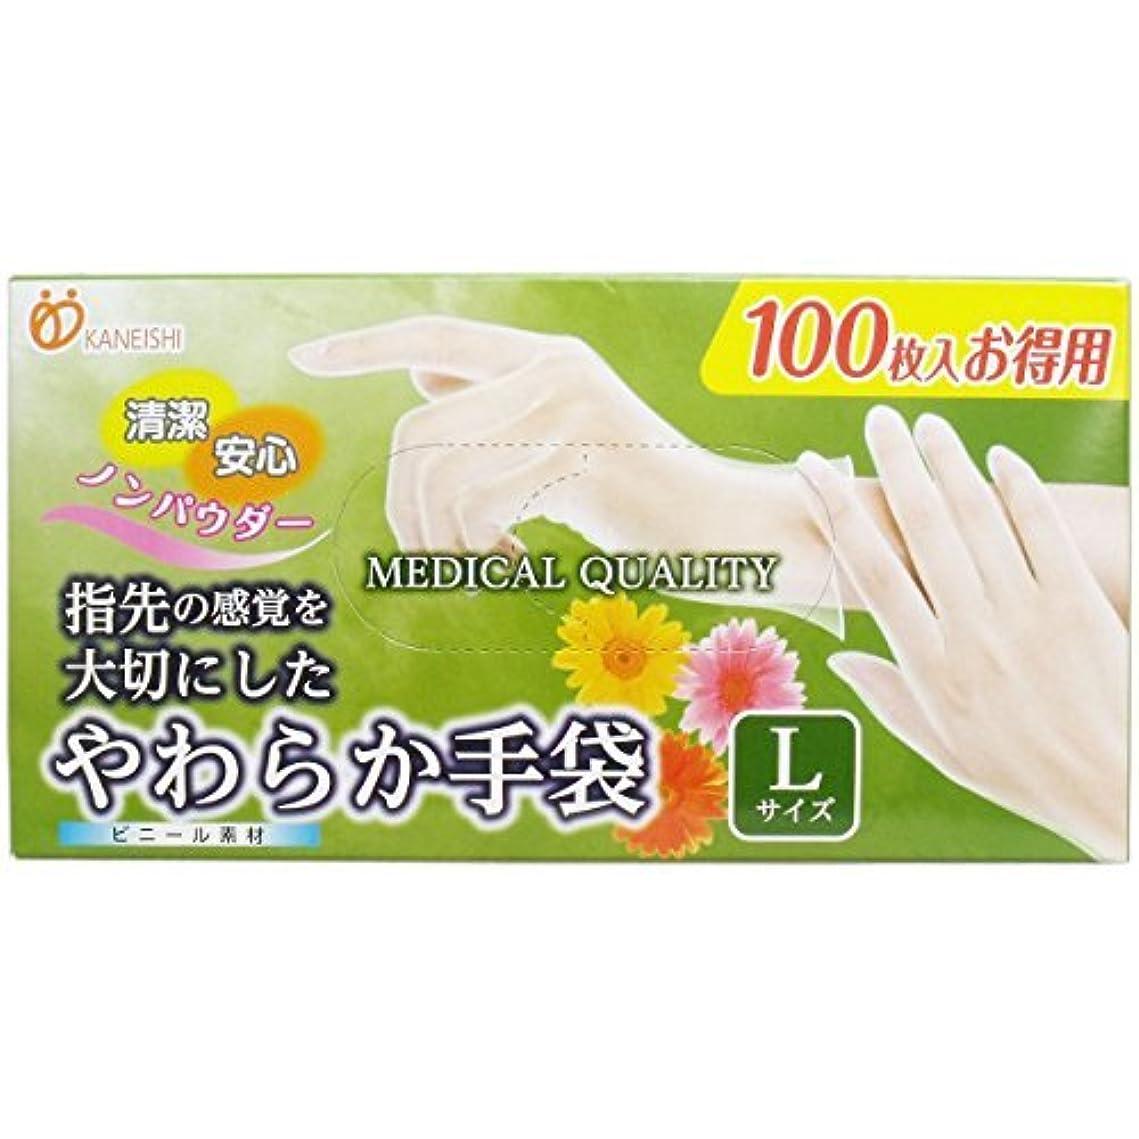 実現可能性自宅で脅迫やわらか手袋 ビニール素材 パウダーフリー Lサイズ 100枚入「5点セット」